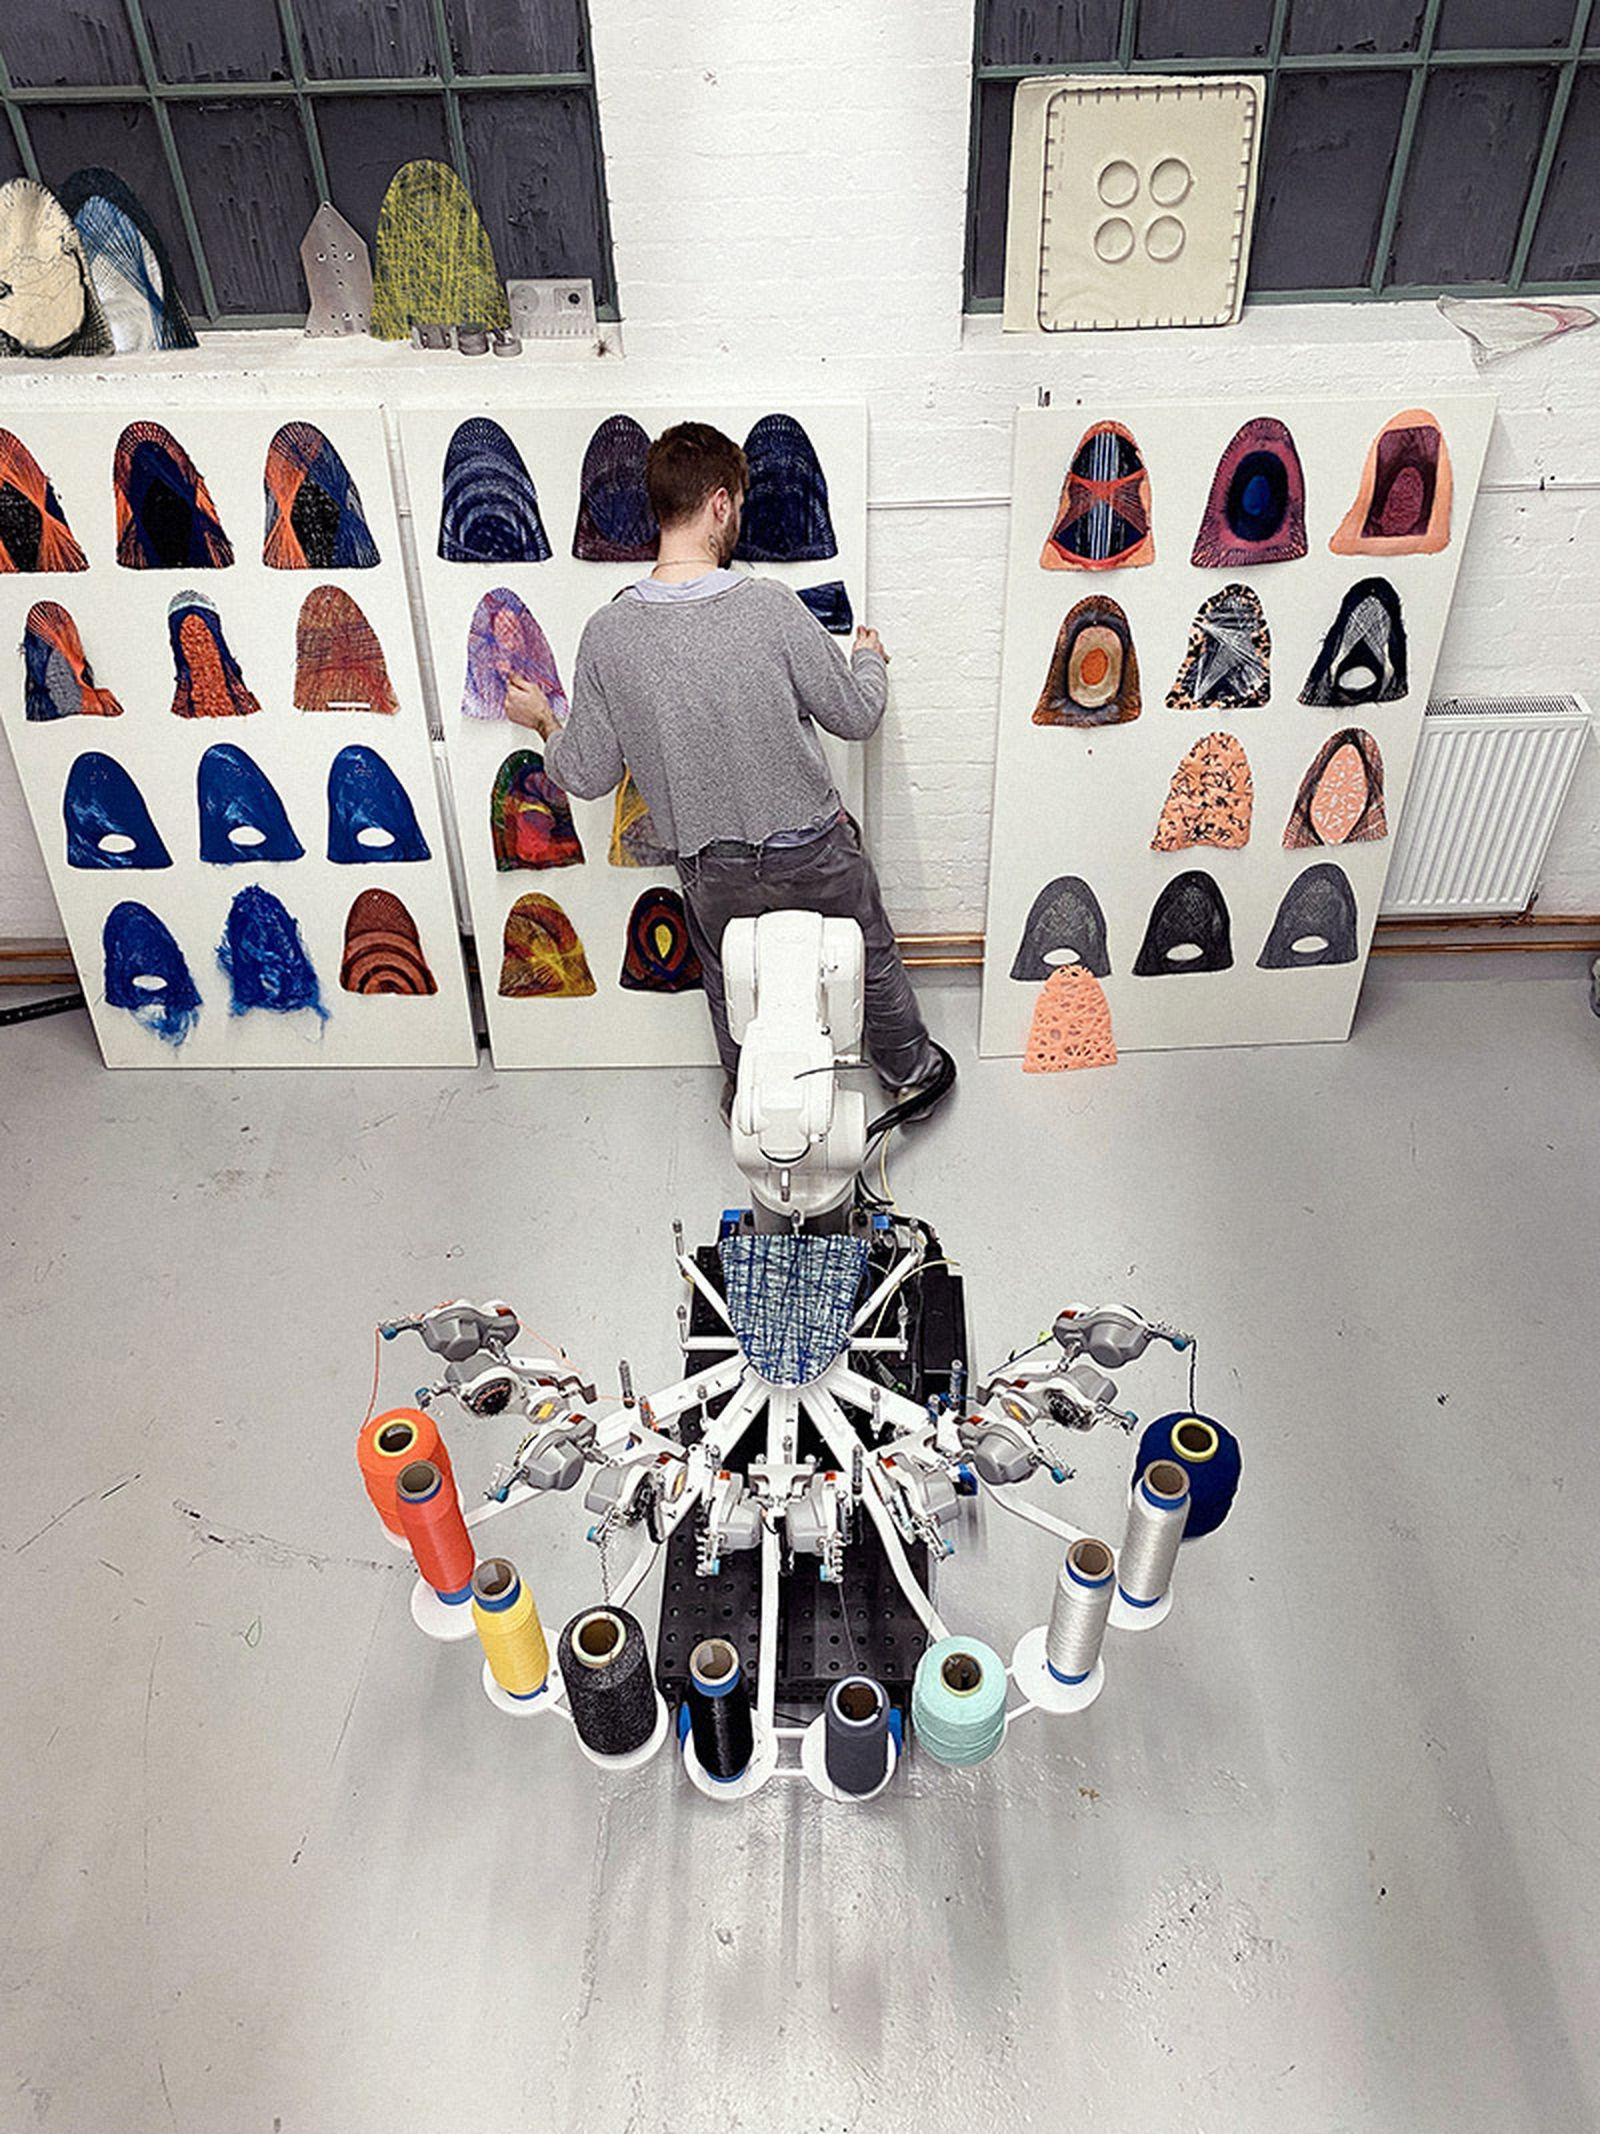 adidas-futurecraft-strung-deep-dive-interview-010